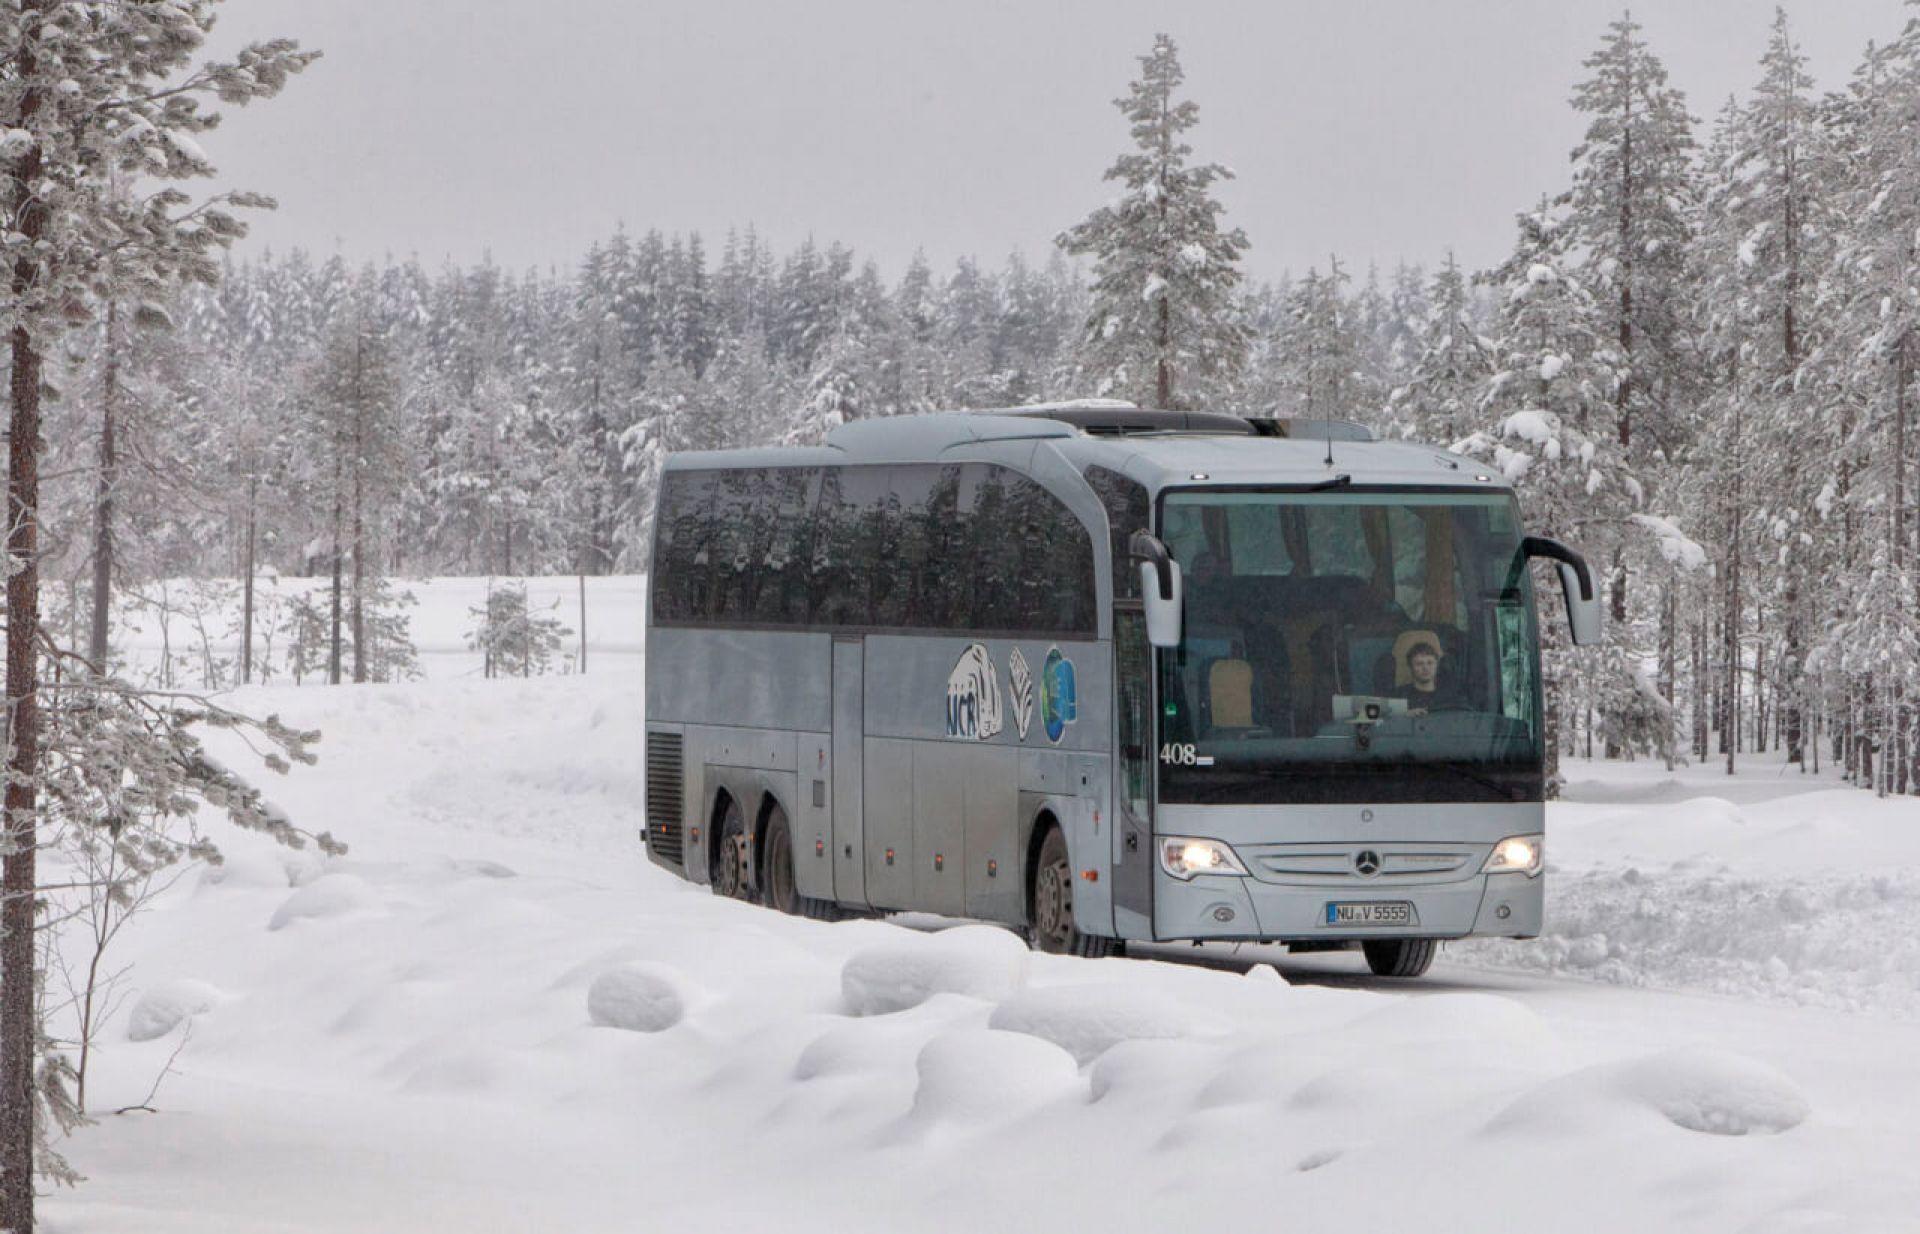 прямые автобус зимой картинка слизистой носа